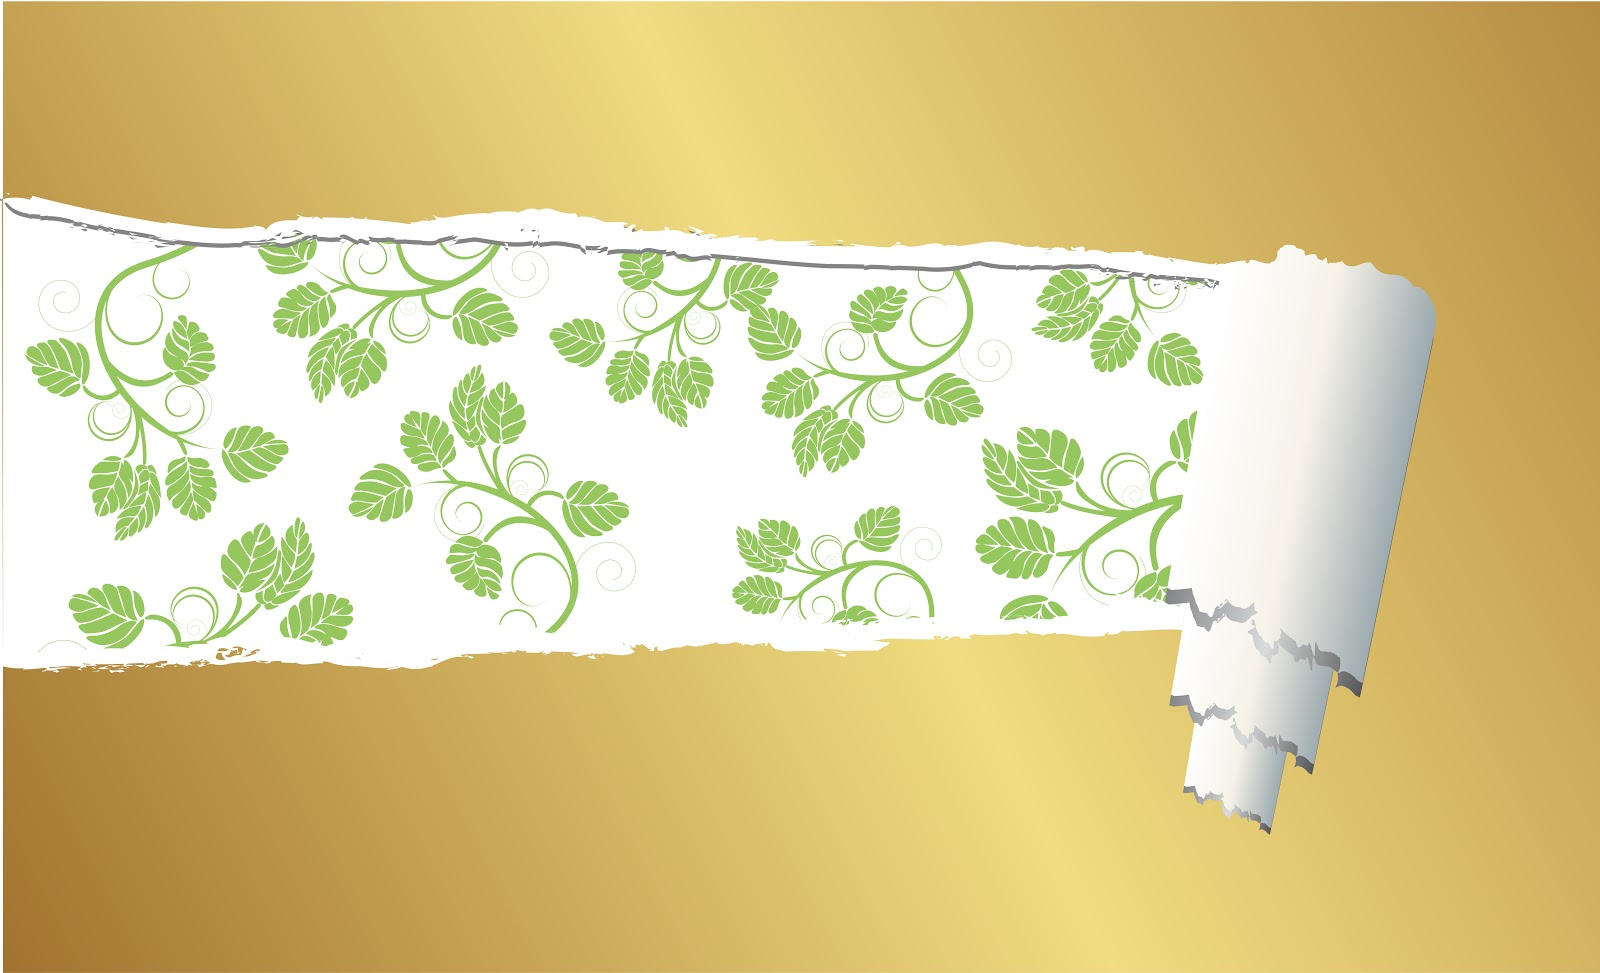 http://3.bp.blogspot.com/-PIYqsHQRTkg/Ta0tS39oaLI/AAAAAAAAAI4/x2Hb4J_qE0I/s1600/Ripped_paper-floral-1.jpg